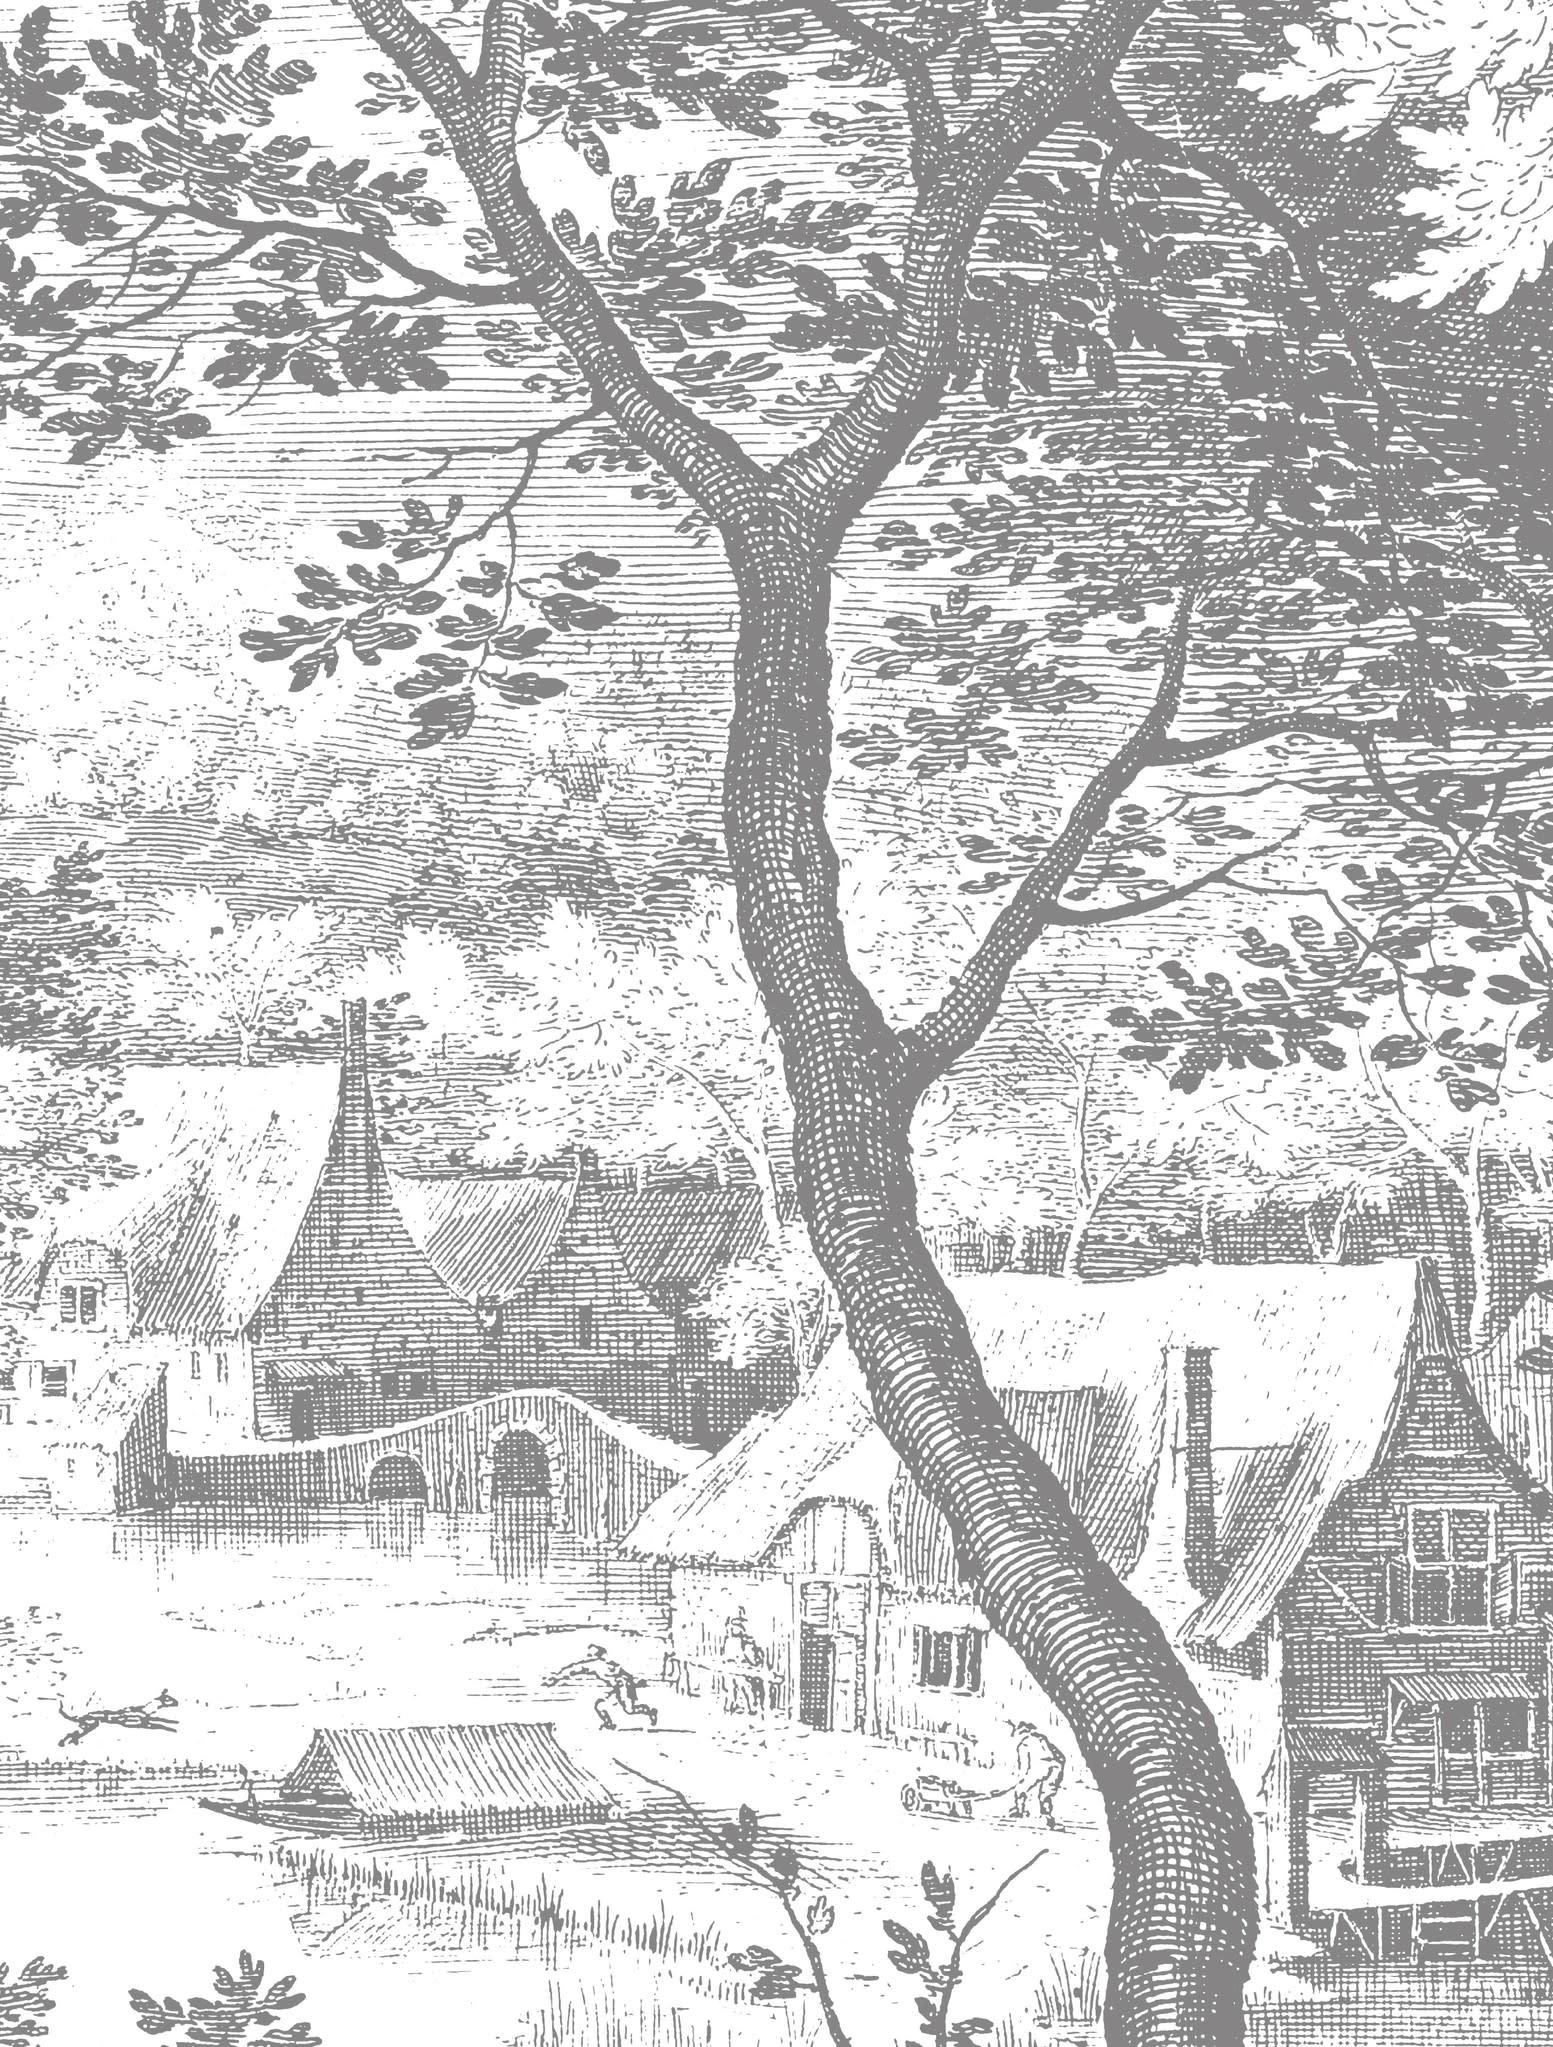 Fotobehang Engraved Landscapes 292.2x280cm-1